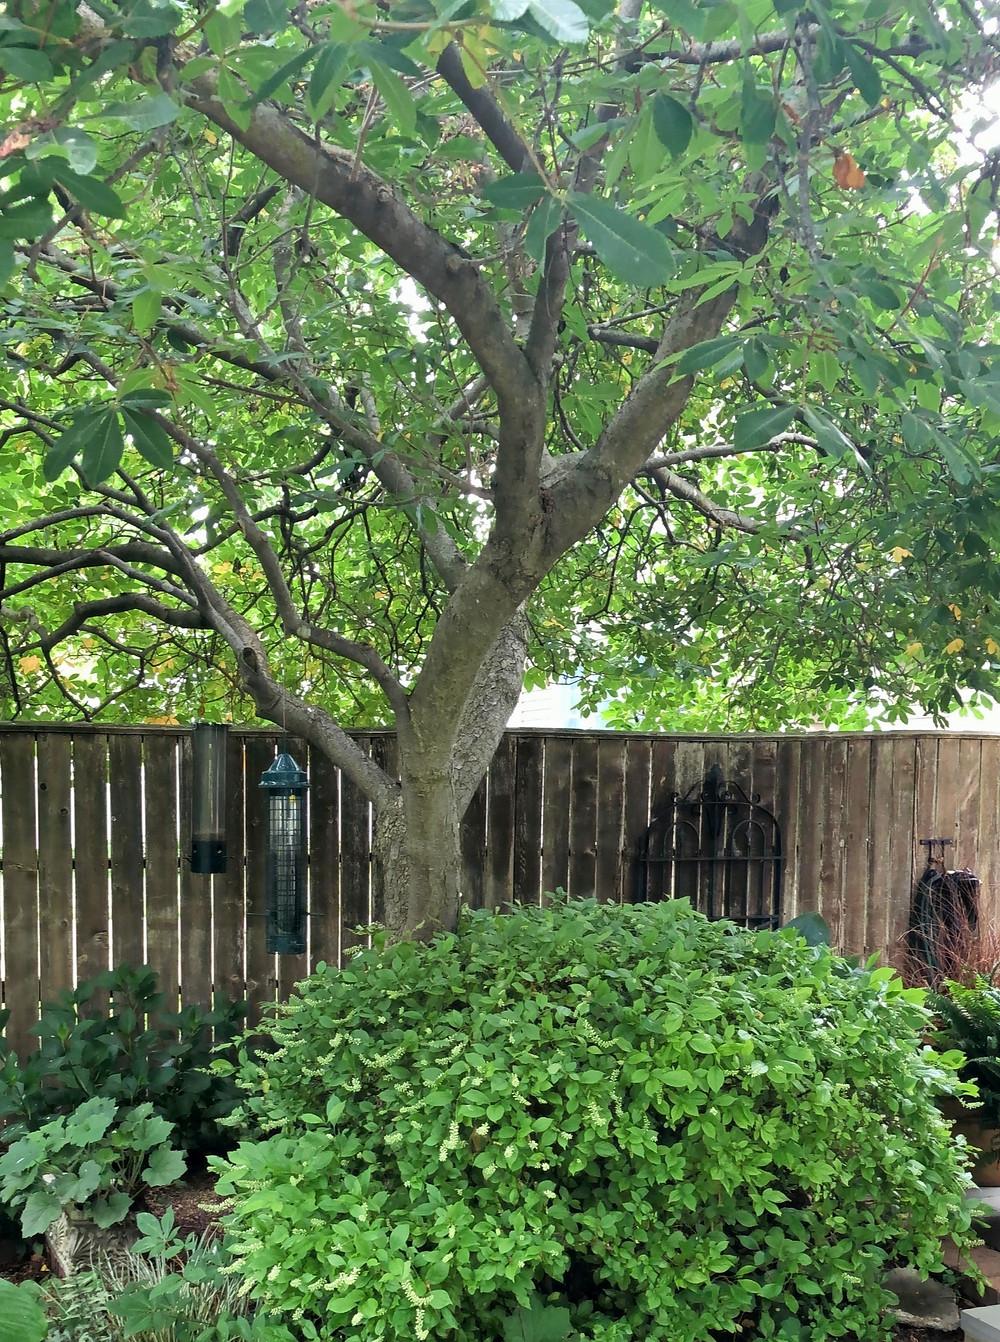 swamp chestnut and itea shrub